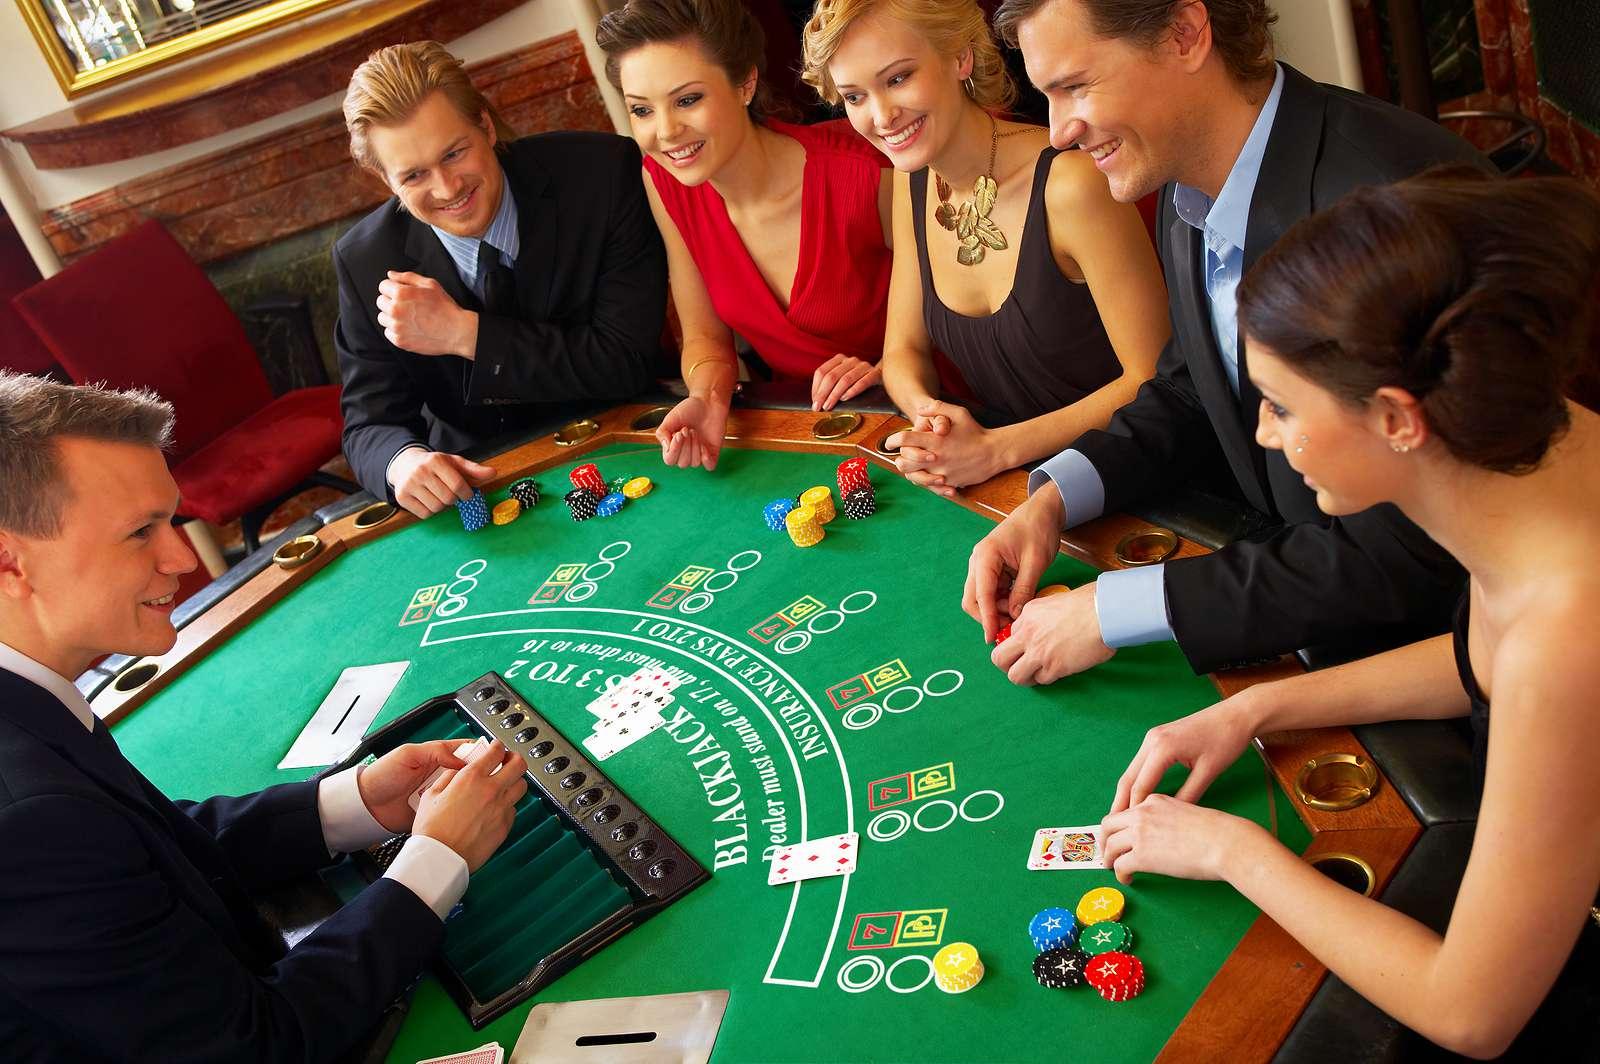 bigstock_Blackjack_Table_Friends_Havin_1395495